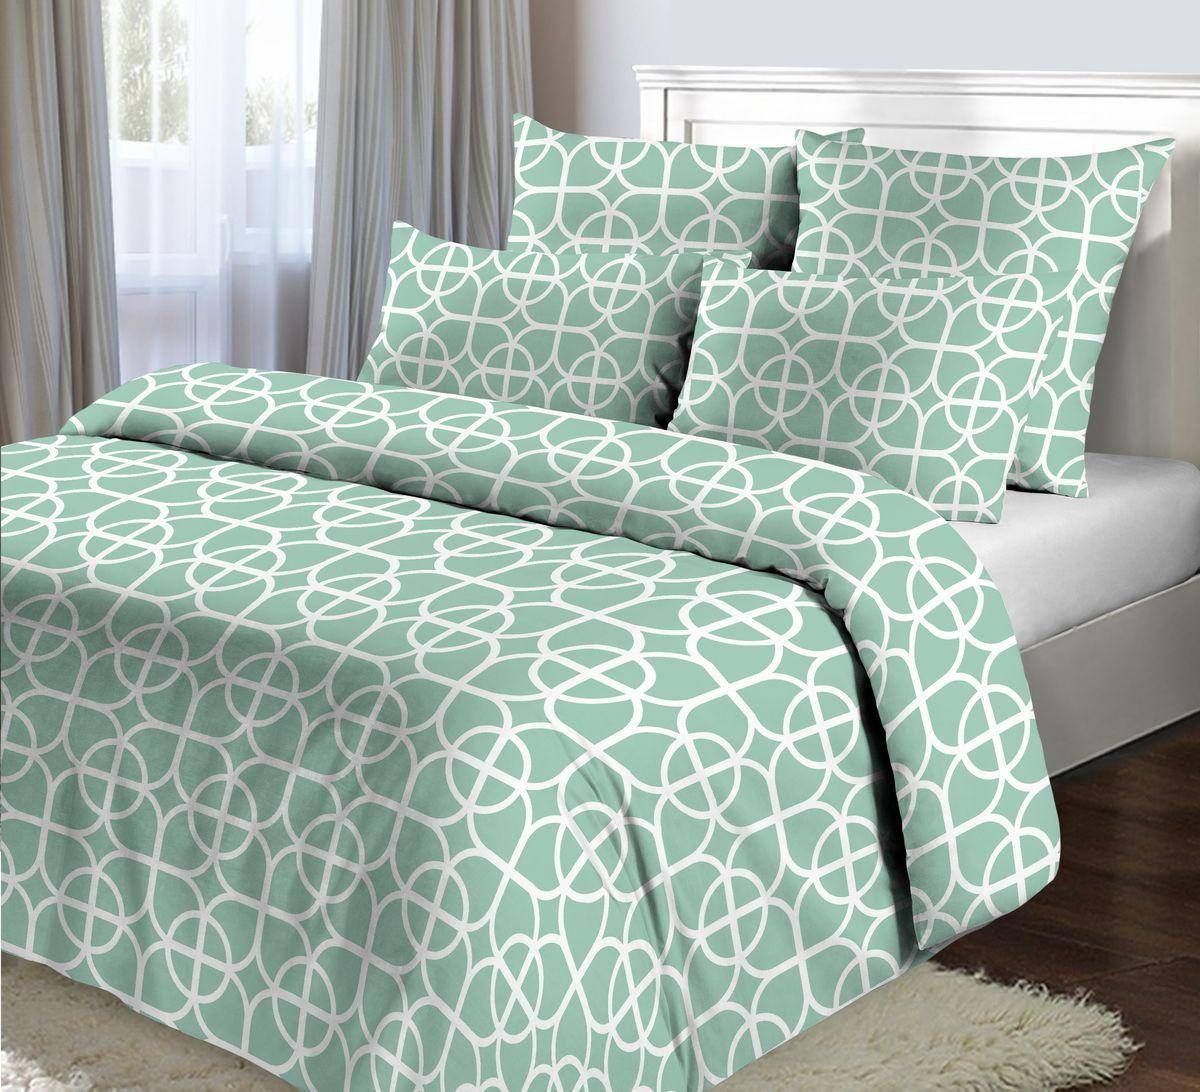 Комплект белья Коллекция Гео-2, 2-спальный, наволочки 50х70ОБК-2/50 5047.4